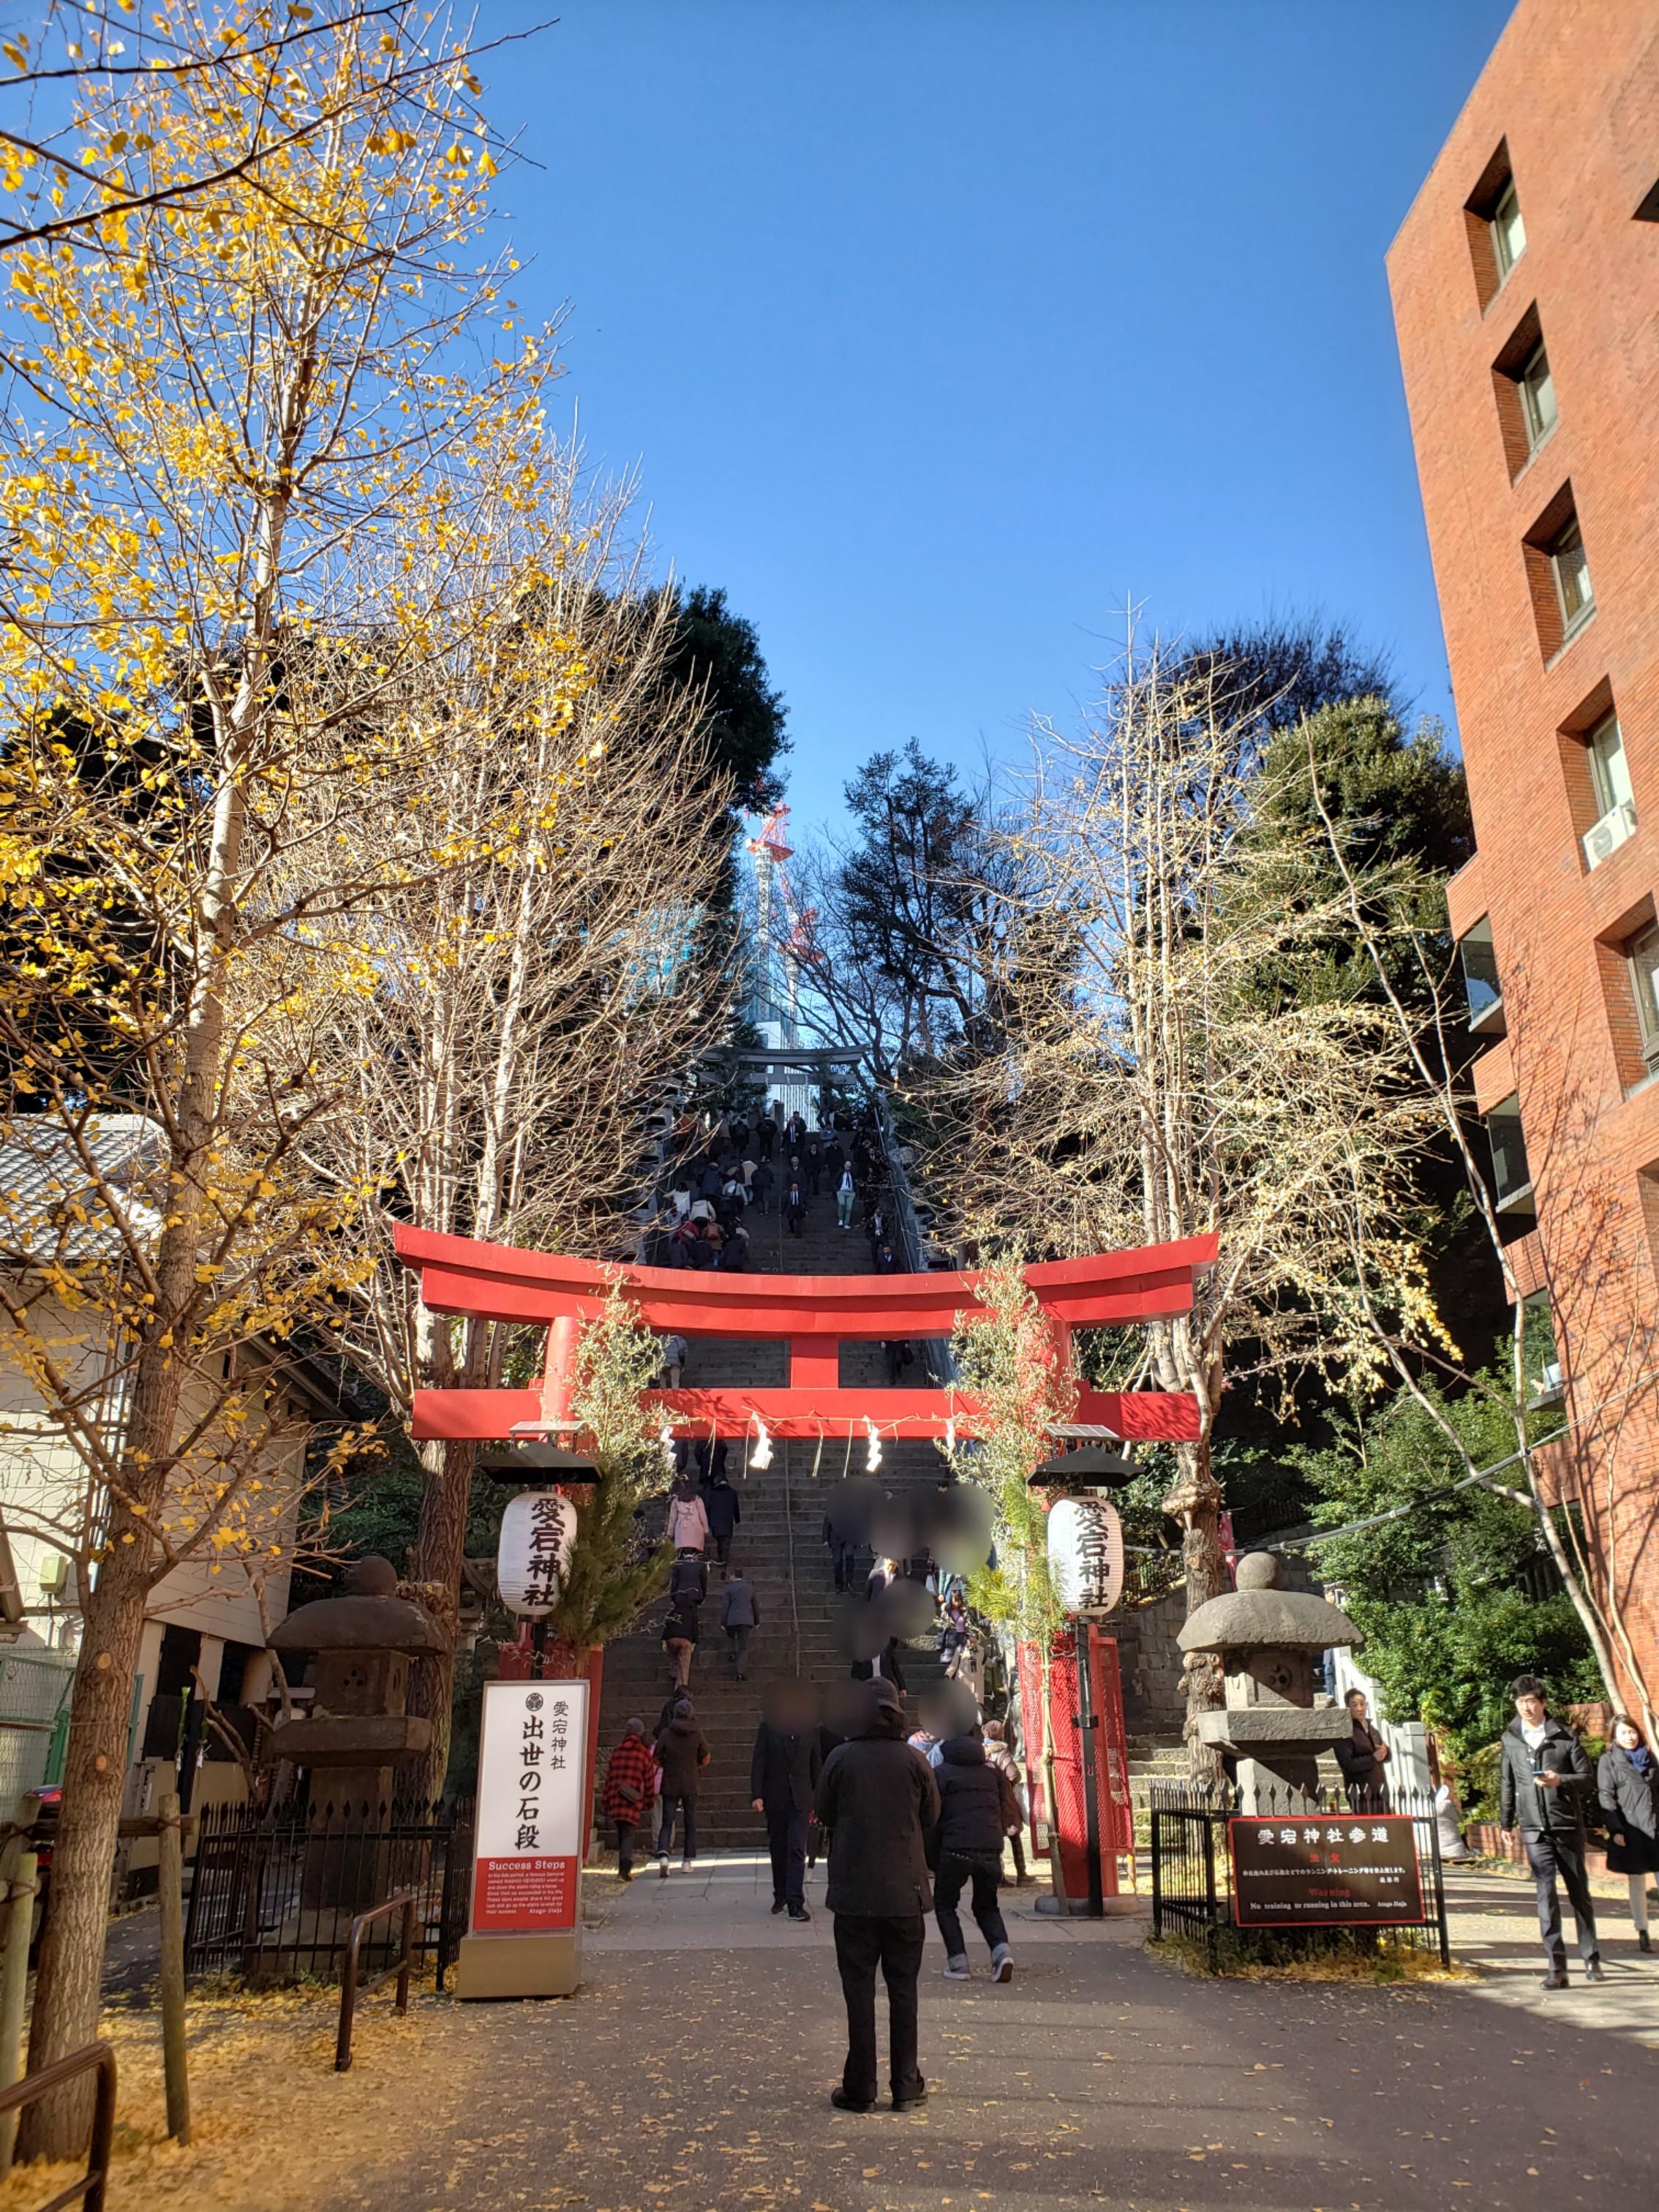 【初詣】神社3社にお参りにいってきました( ´∀`)_2